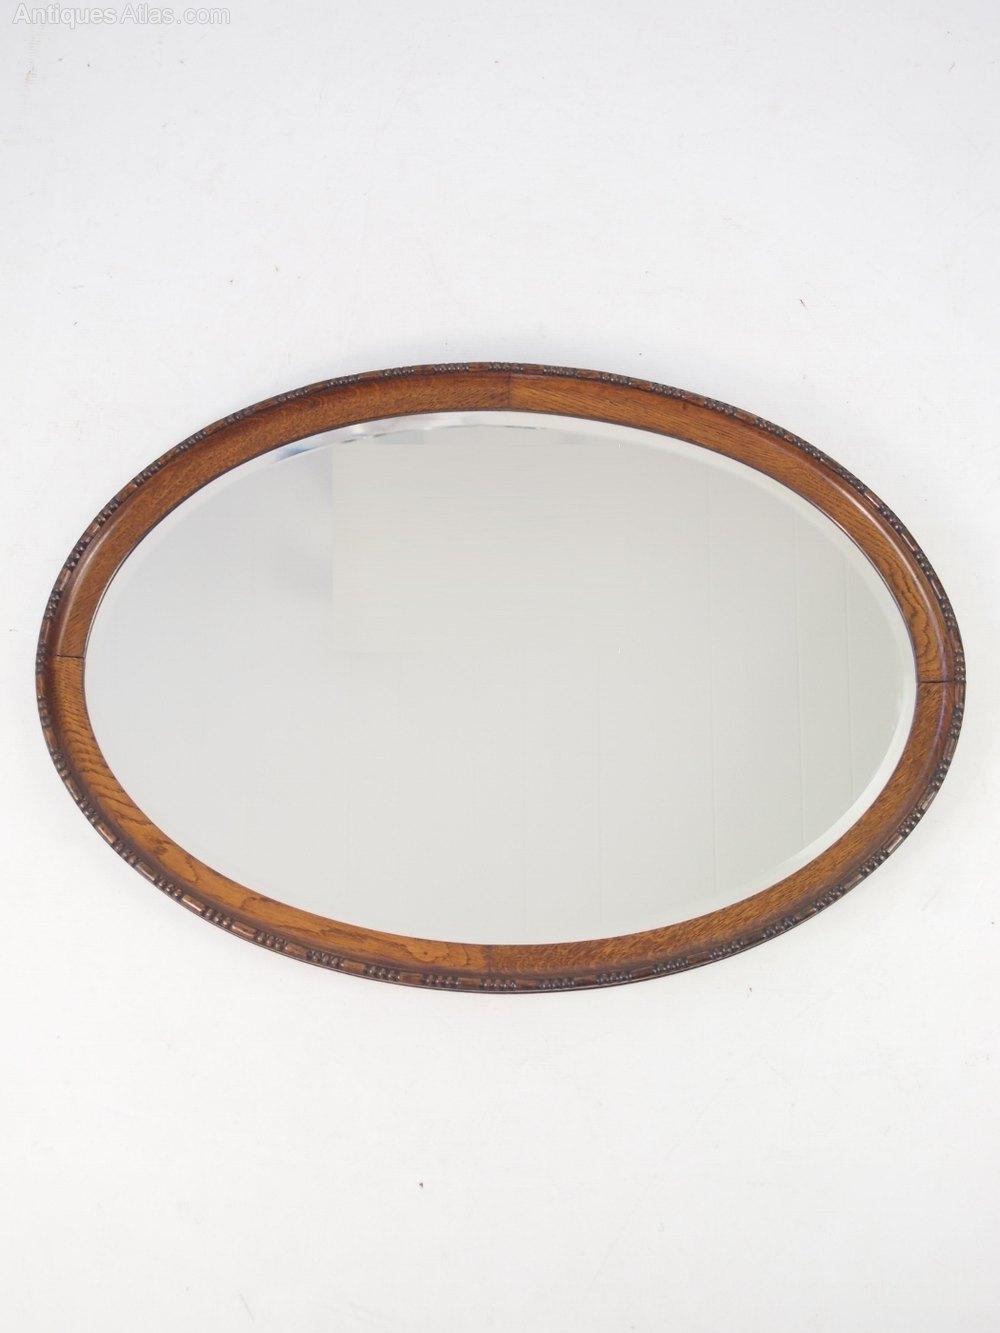 Antiques Atlas Oval Oak Framed Mirror Or Overmantle